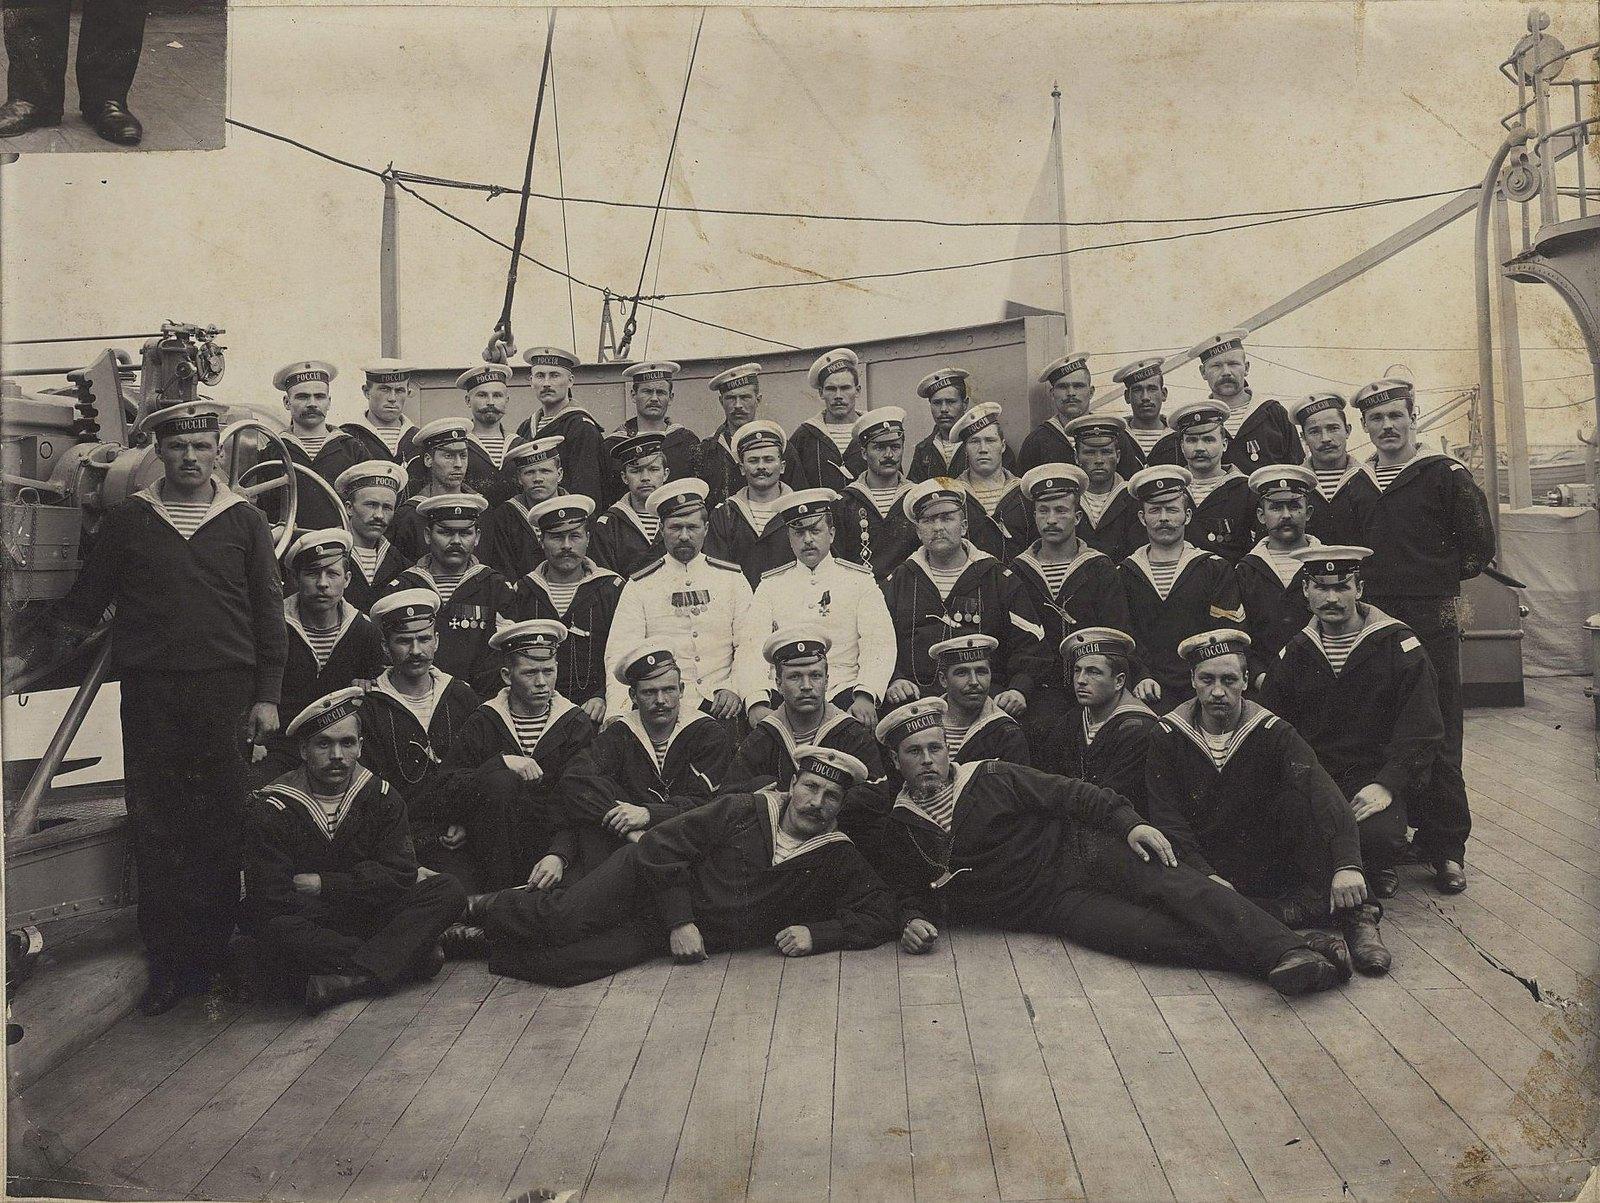 1905. Альбом боевых действий Владивостокского отряда крейсеров. Часть 4